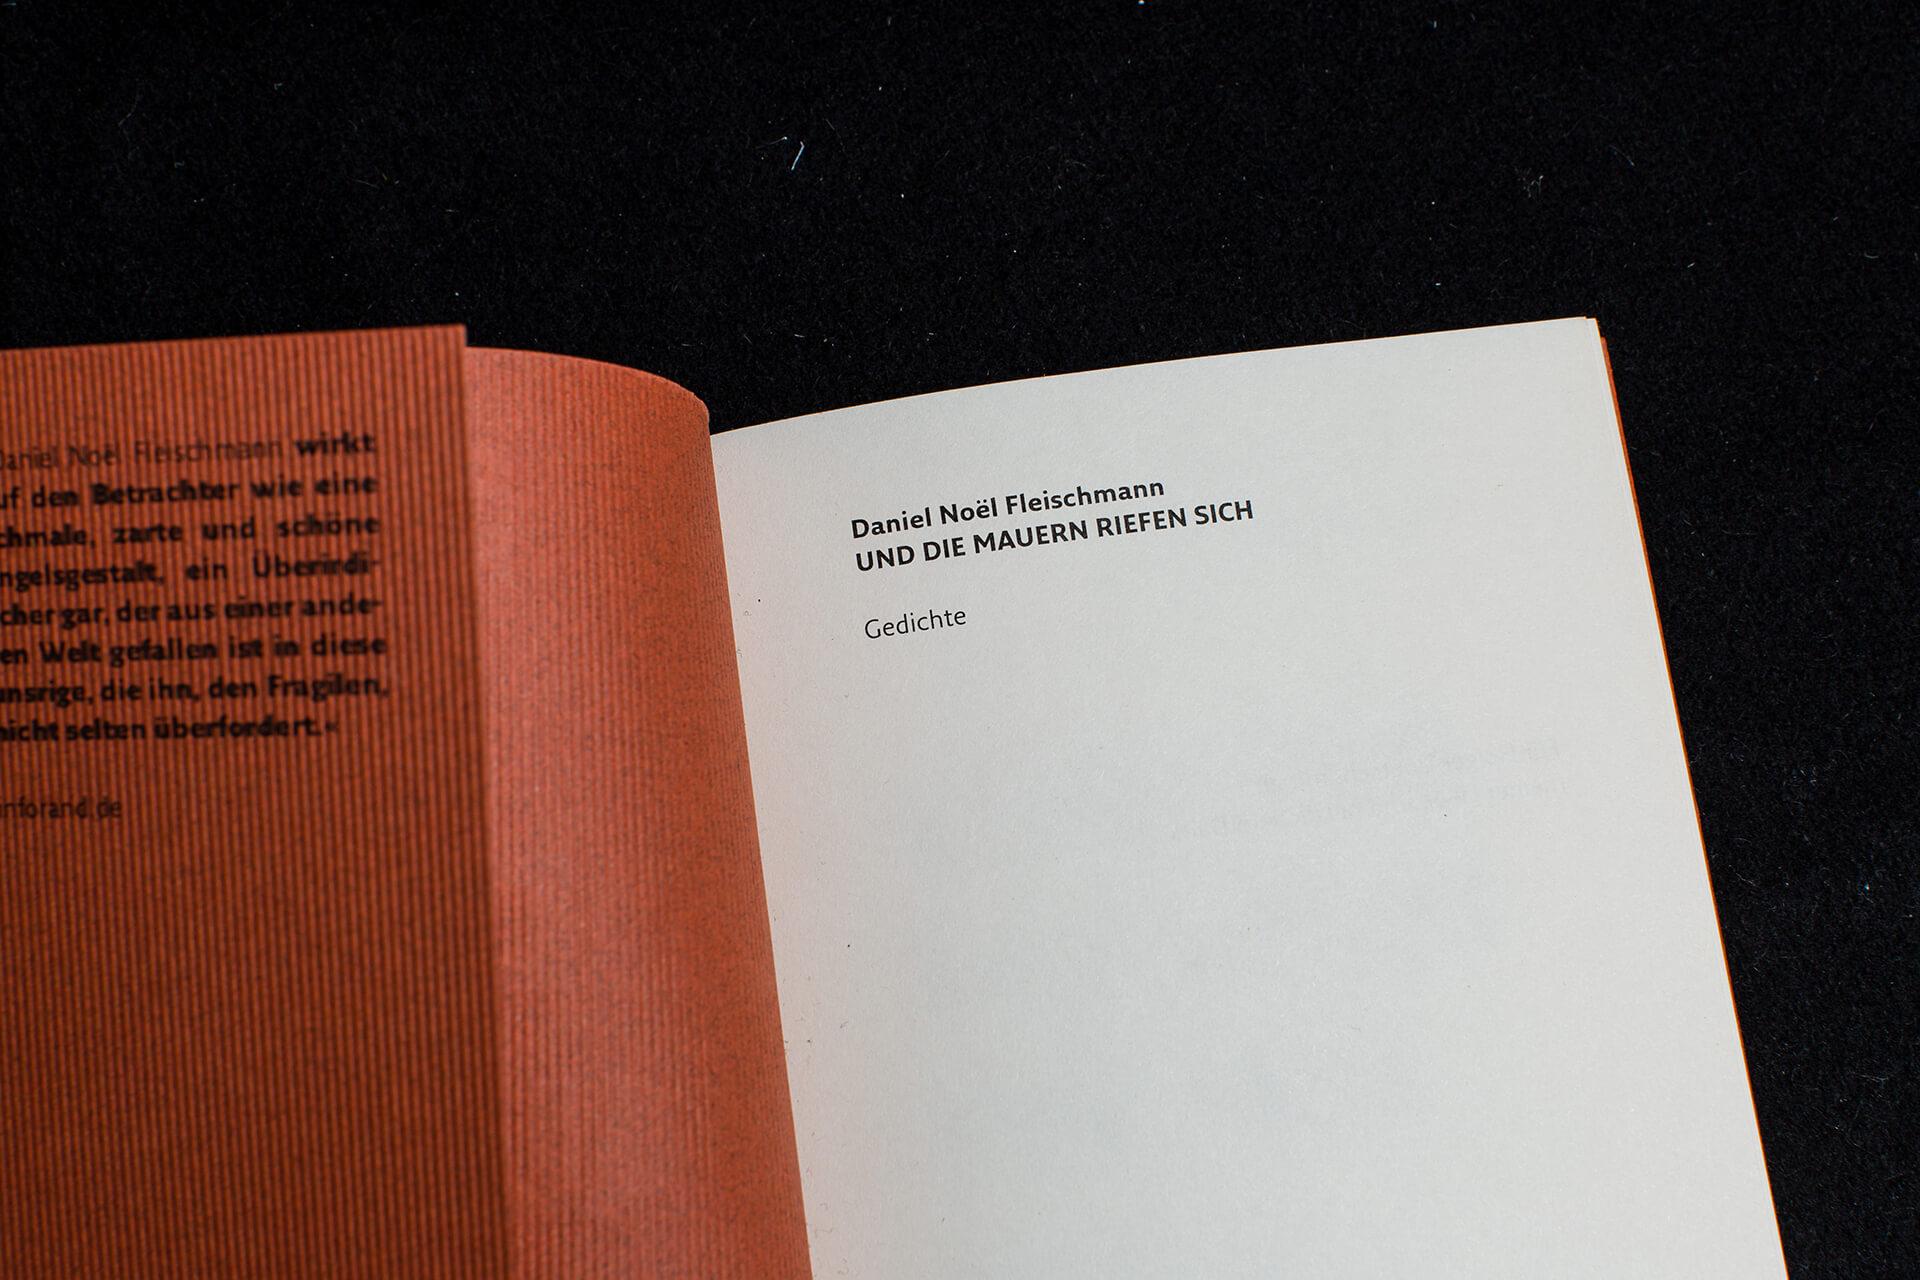 Denken & Handeln, Fine Heininger, Buchgestaltung, Cover, Innensatz, Typografie, Layout, Reinzeichnung, Druckvorstufe, Wolff Verlag, Daniel Noel Fleischmann, Und die Mauern riefen sich